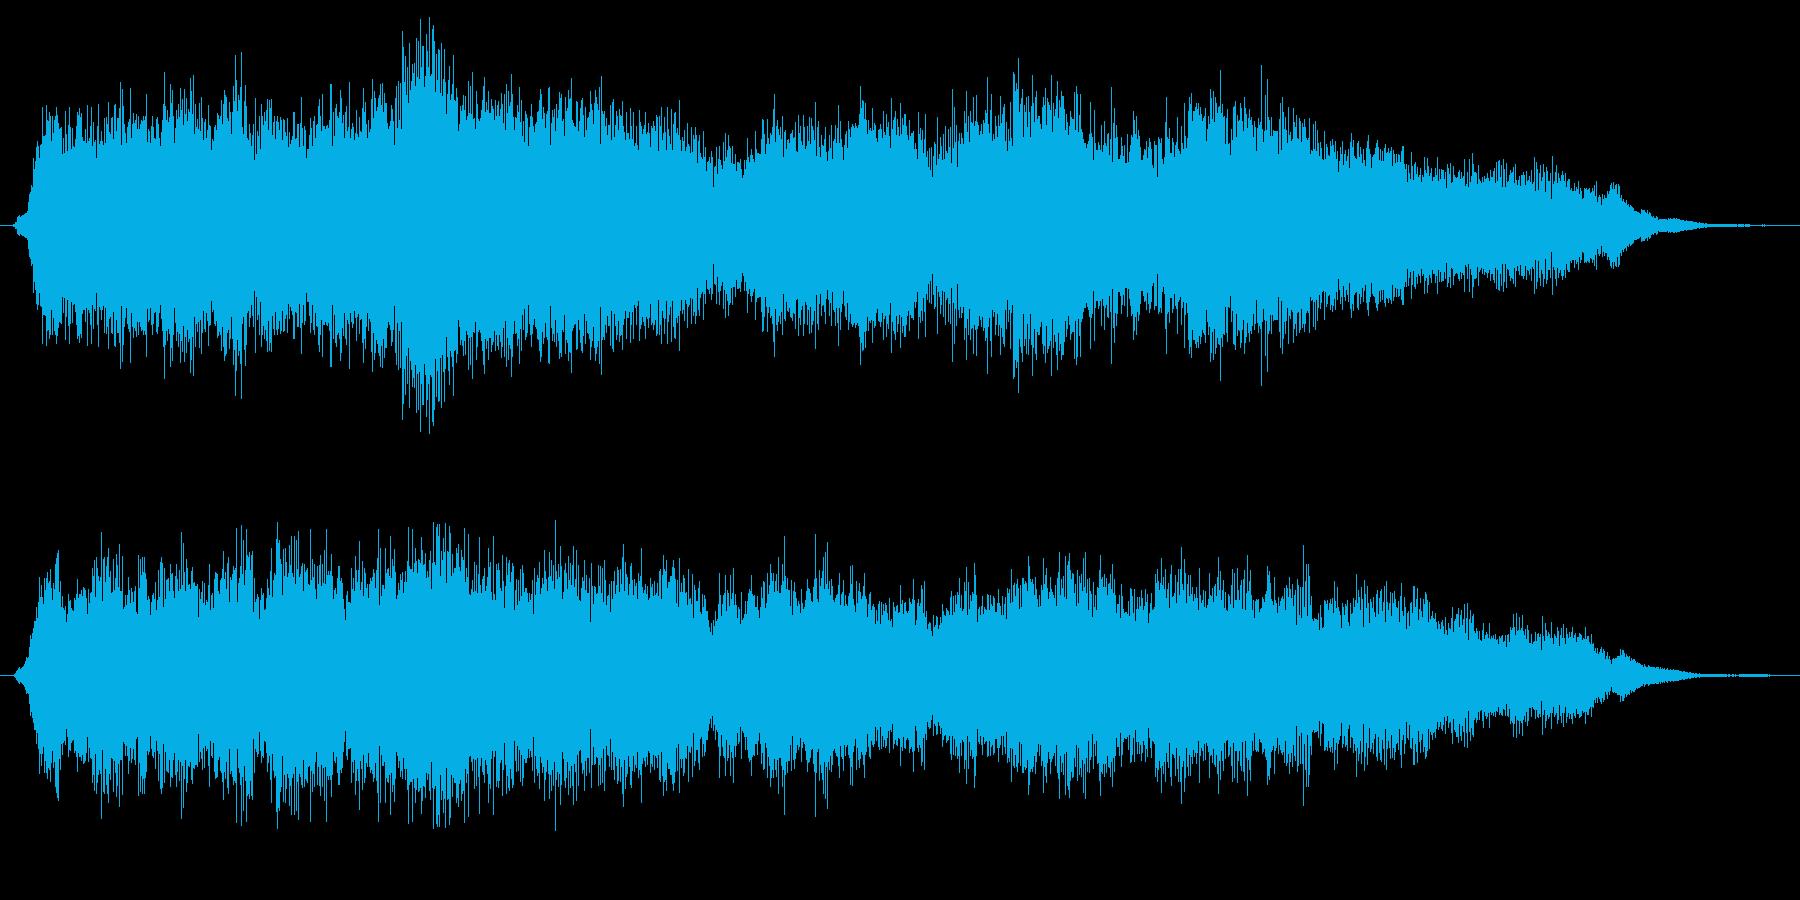 クリスマスの静かなオーケストラジングルの再生済みの波形